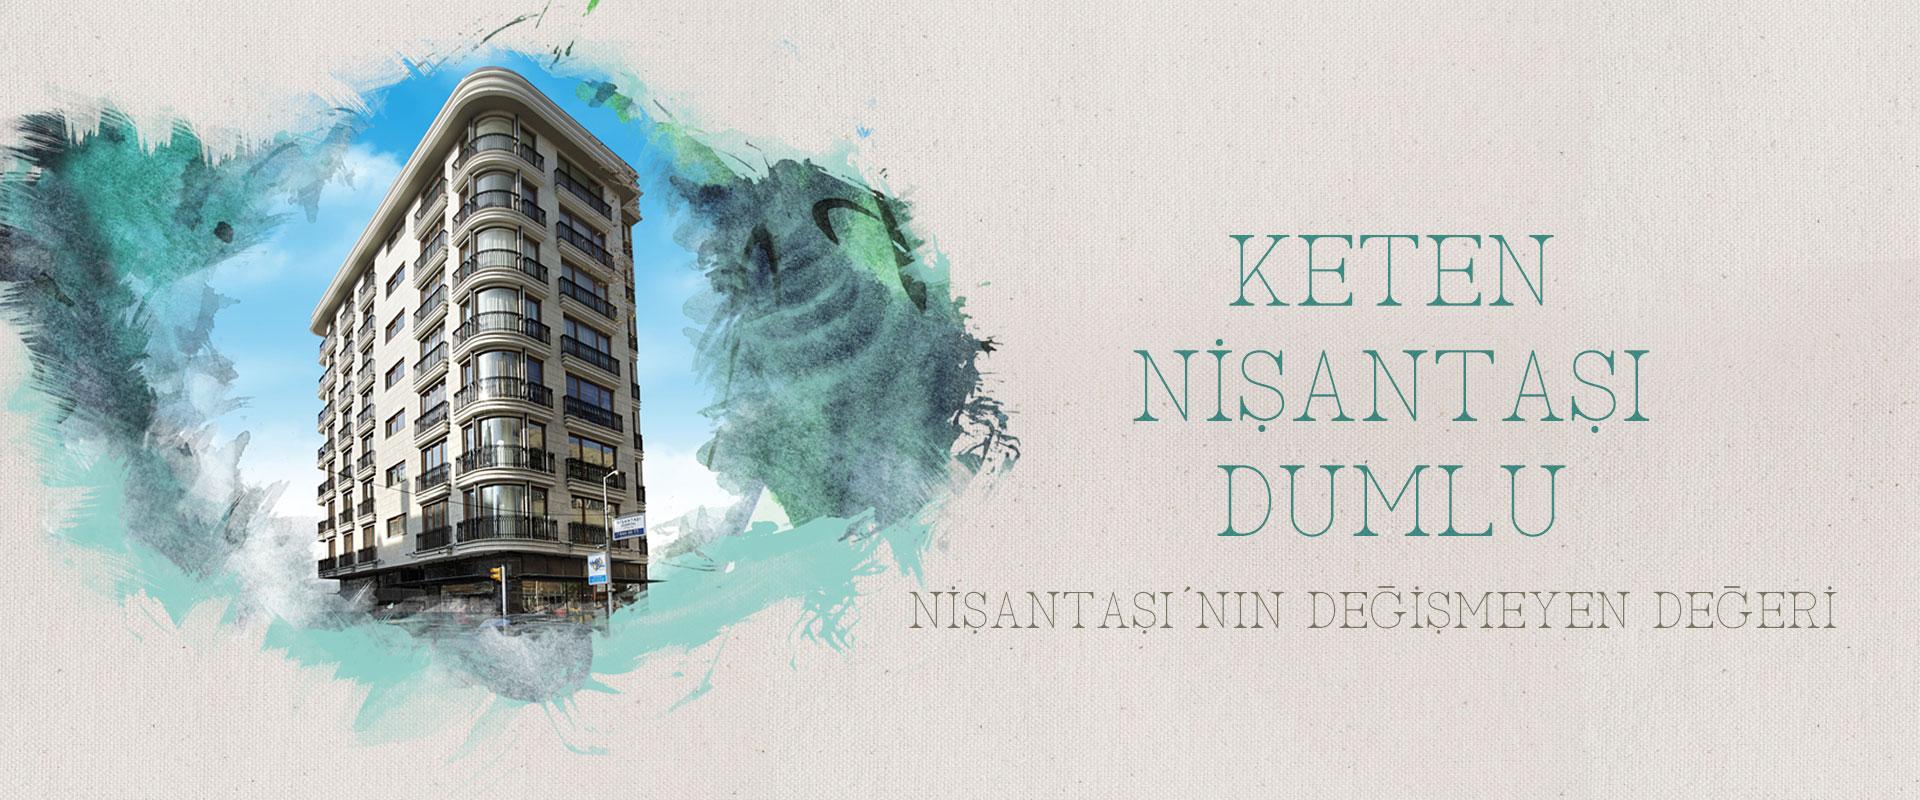 ket443_nisantasi_dumlu